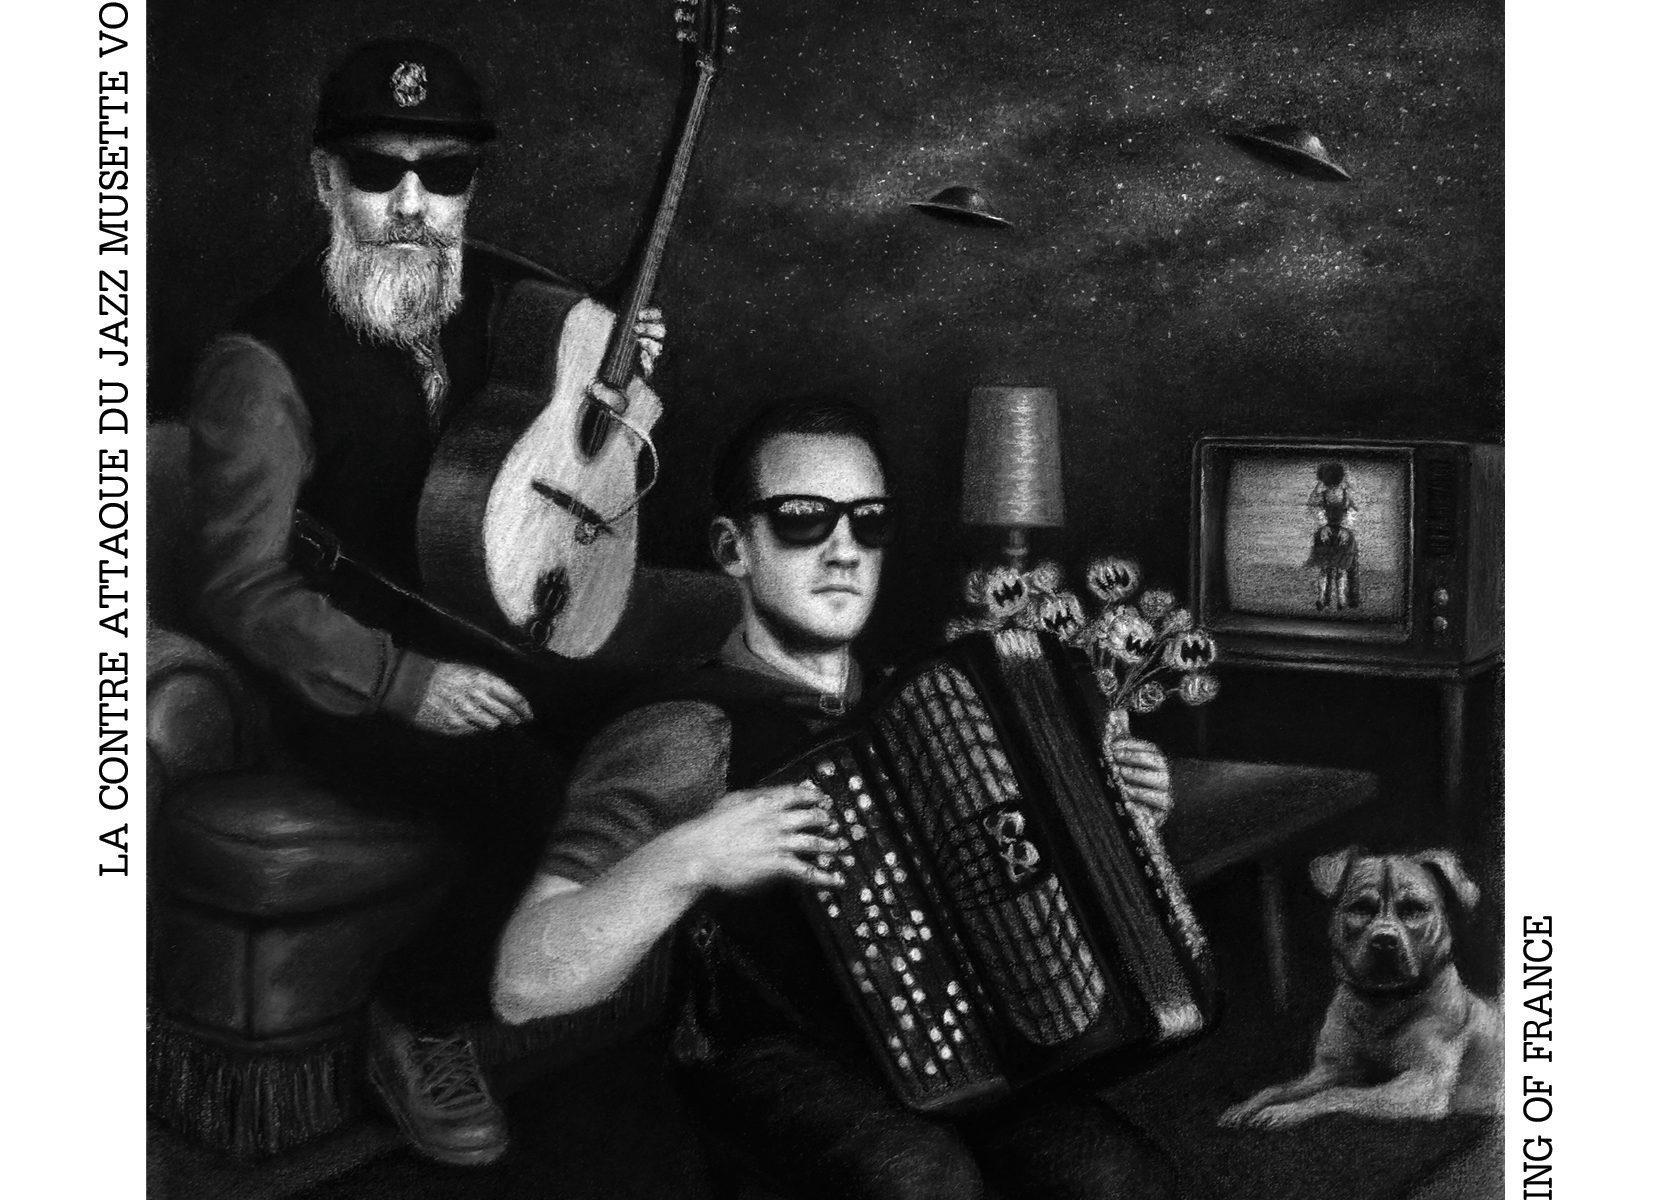 """Couverture du disque """"La contre-attaque du jazz musette Vol.2 : dessin noir et blanc de l'accordéoniste Erwan Mellec et du guitariste Thomas Le Briz"""